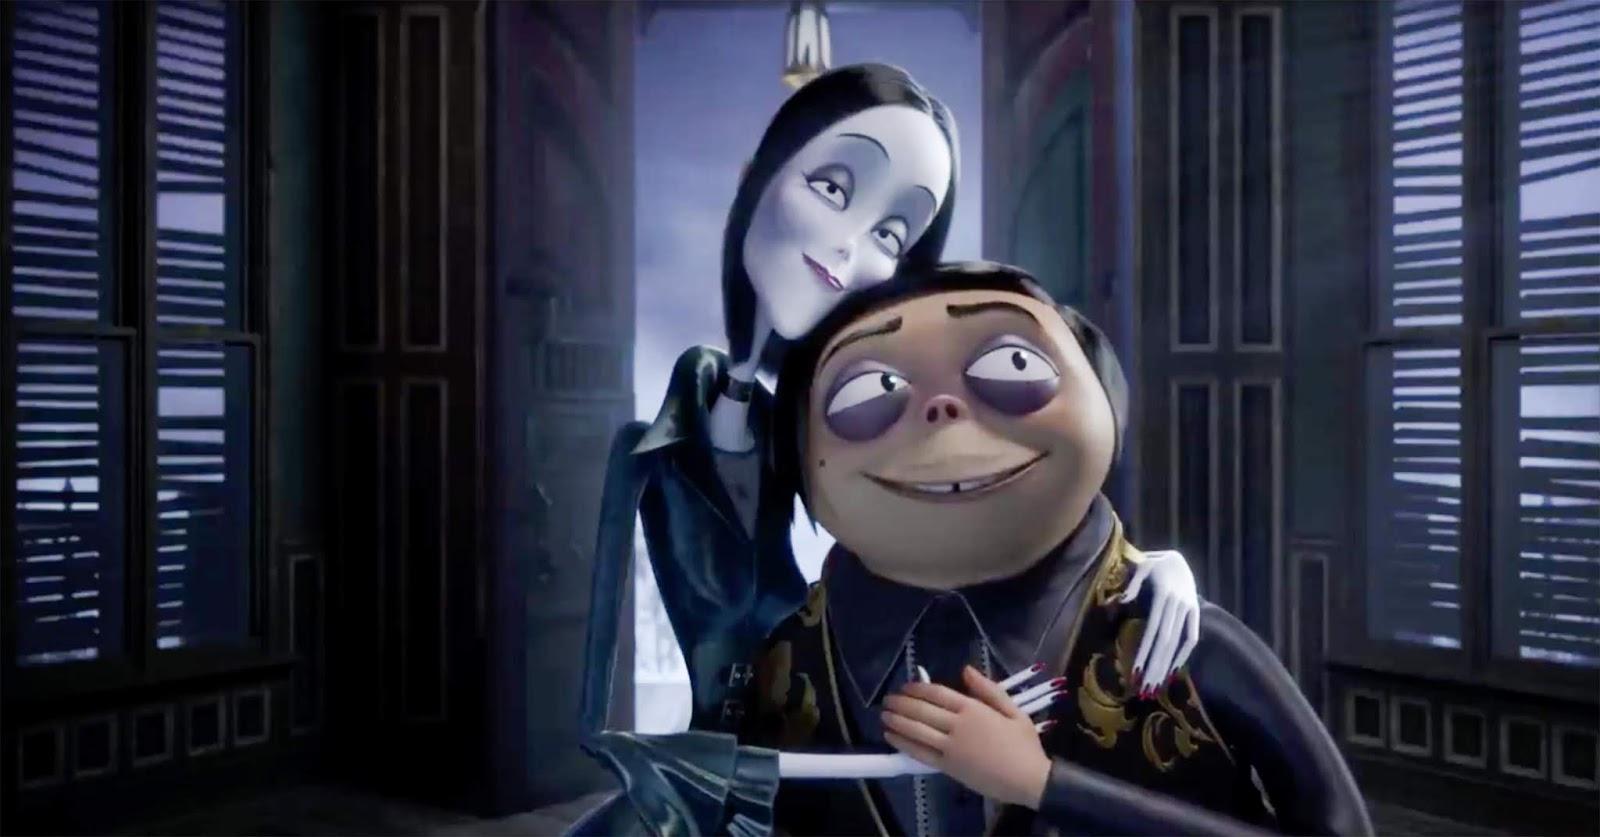 La Familia Addams  - 2019 - Pelicula animación